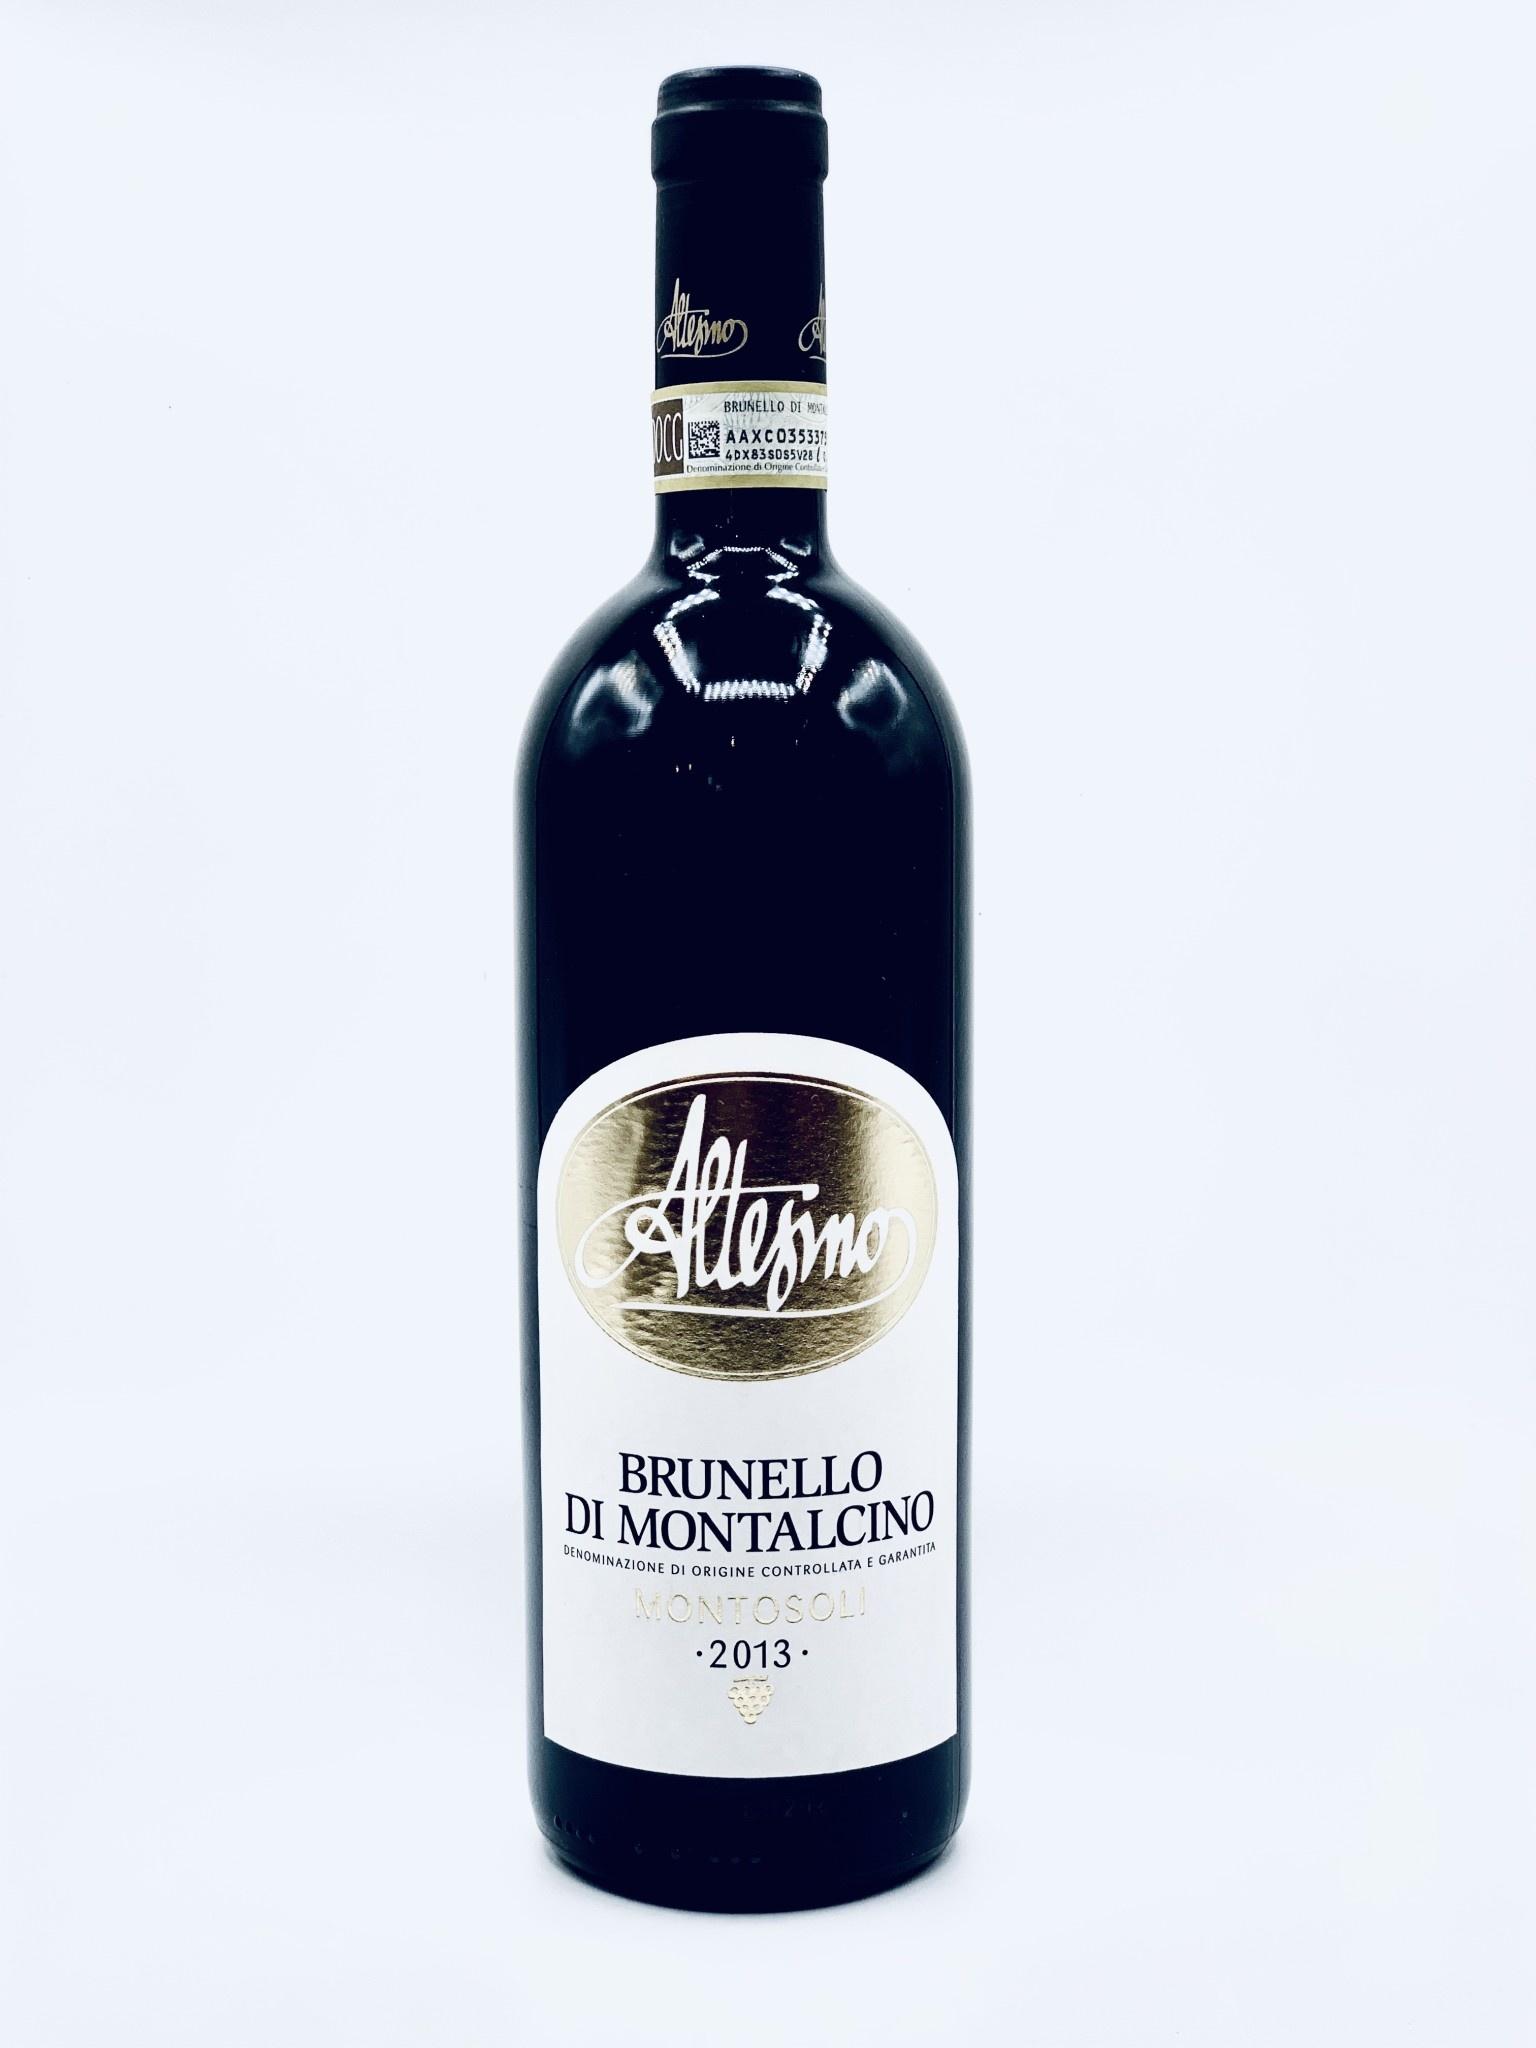 """Brunello di Montalcino """"Montosoli"""" 2013 Altesino 750ml"""